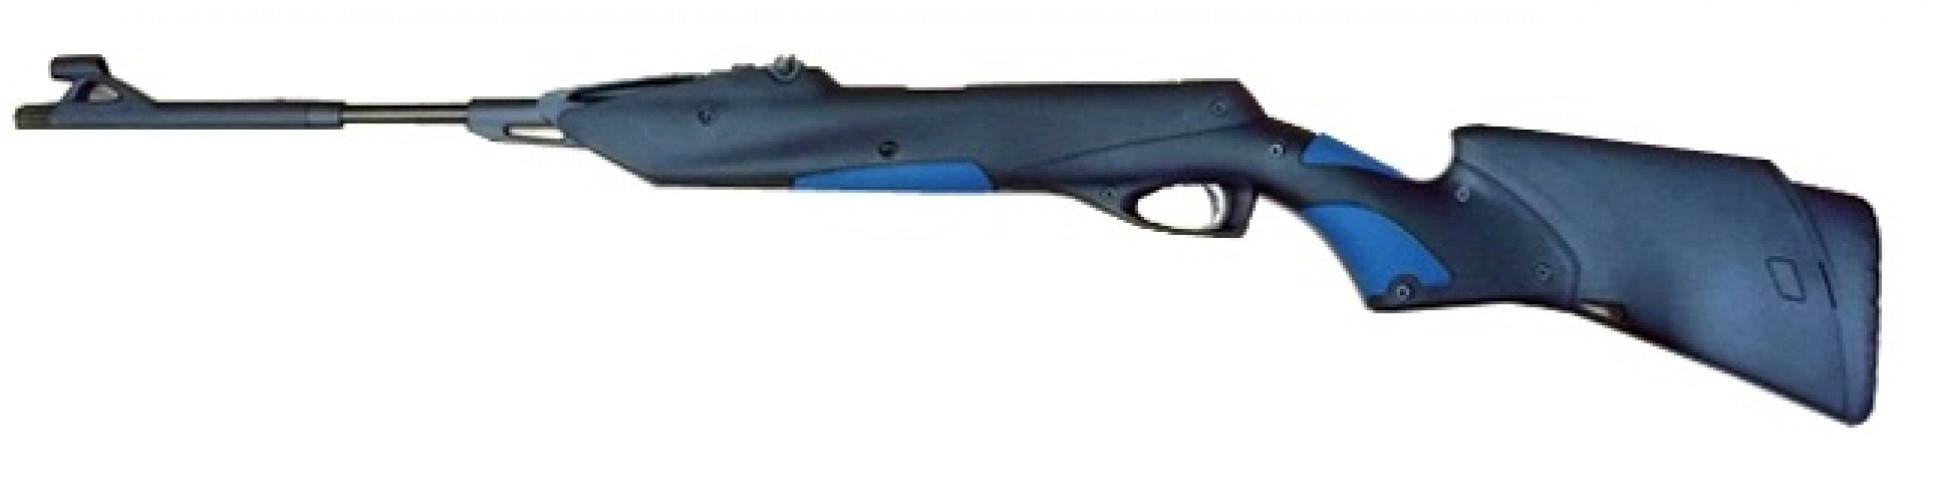 Пневматическая винтовка МР-512-48 4,5 мм